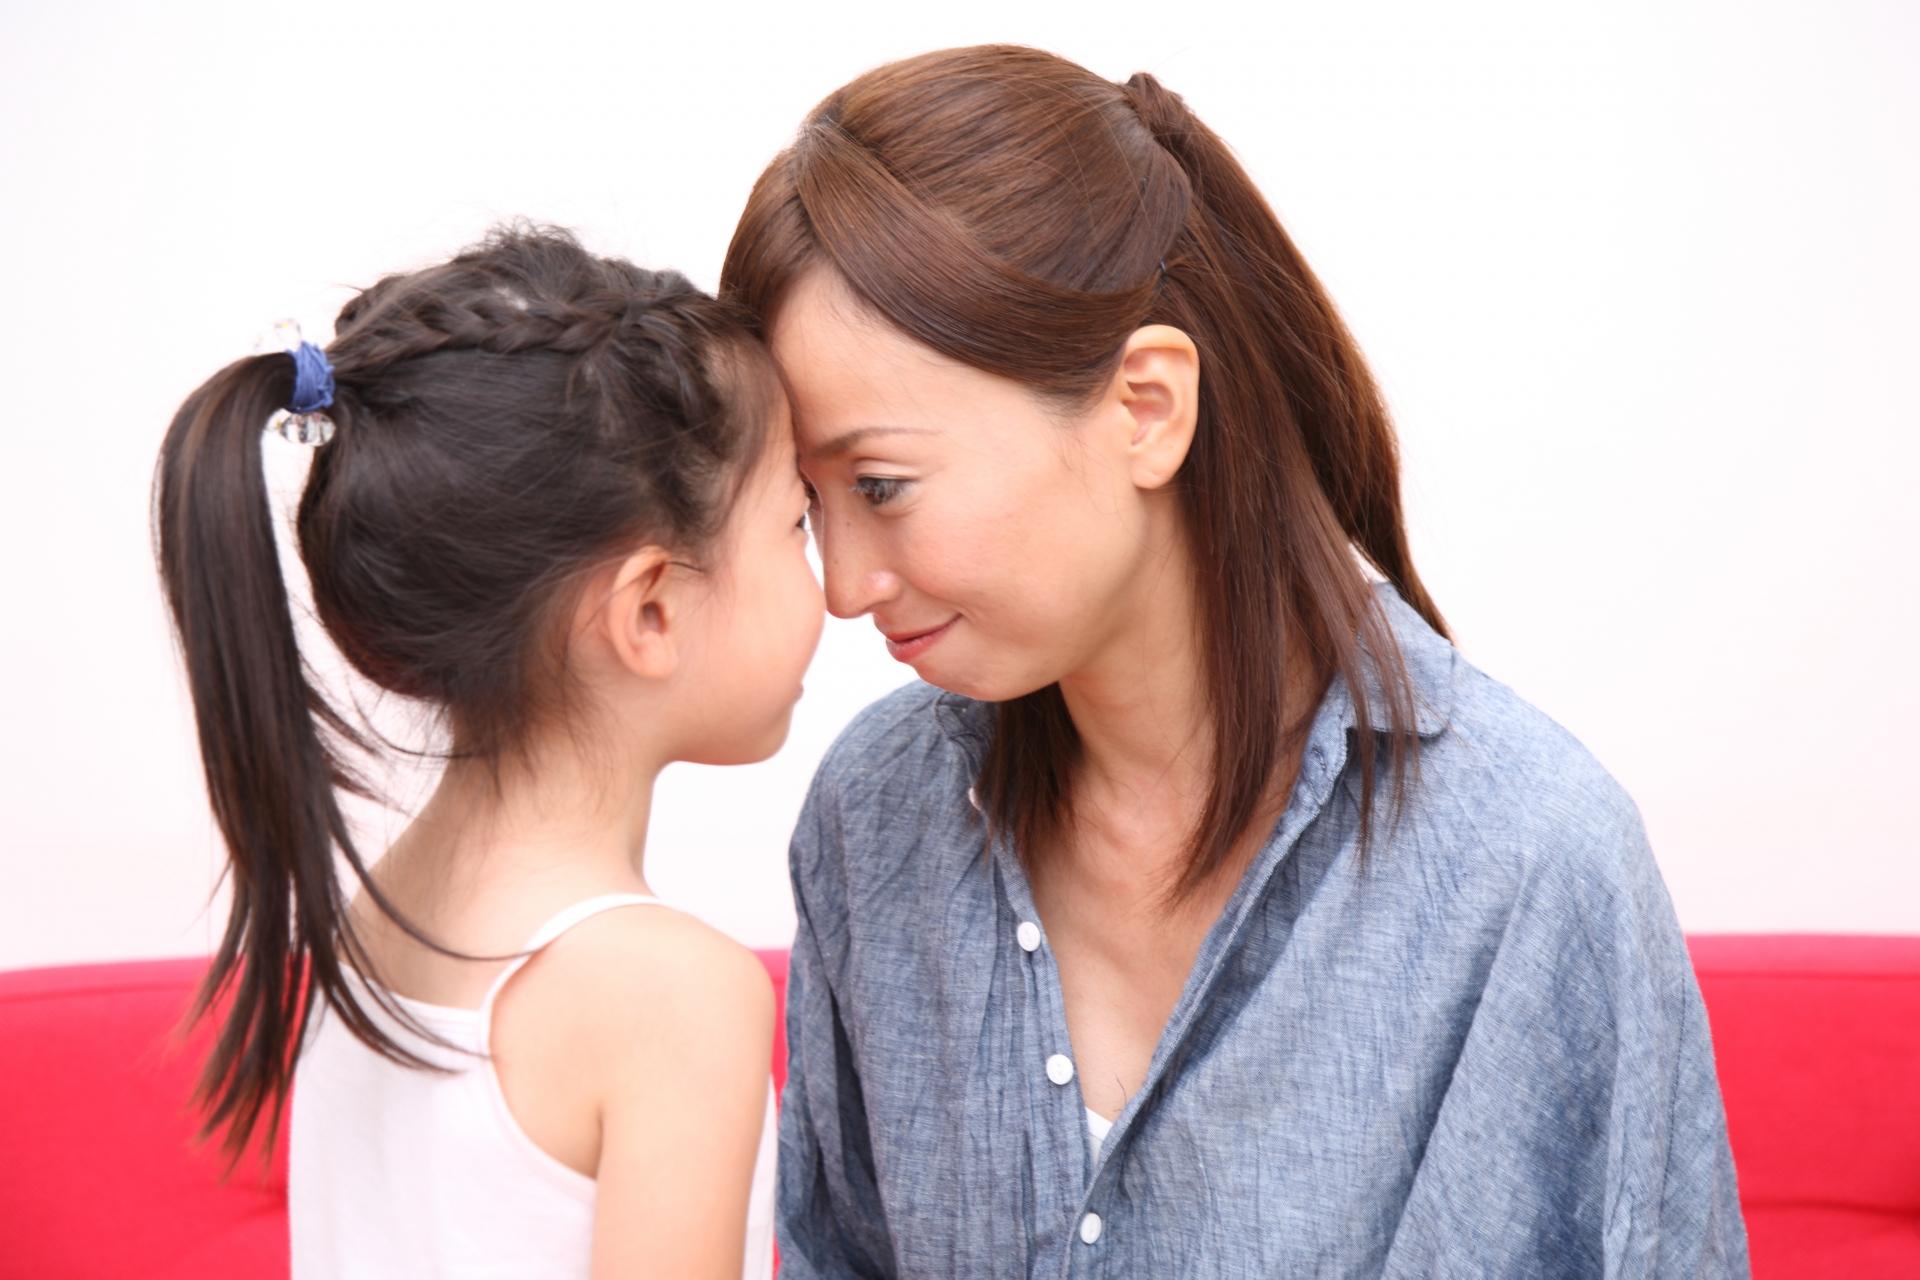 子供の人間形成が出来る前に愛情を込めて優しい口調で接して欲しい